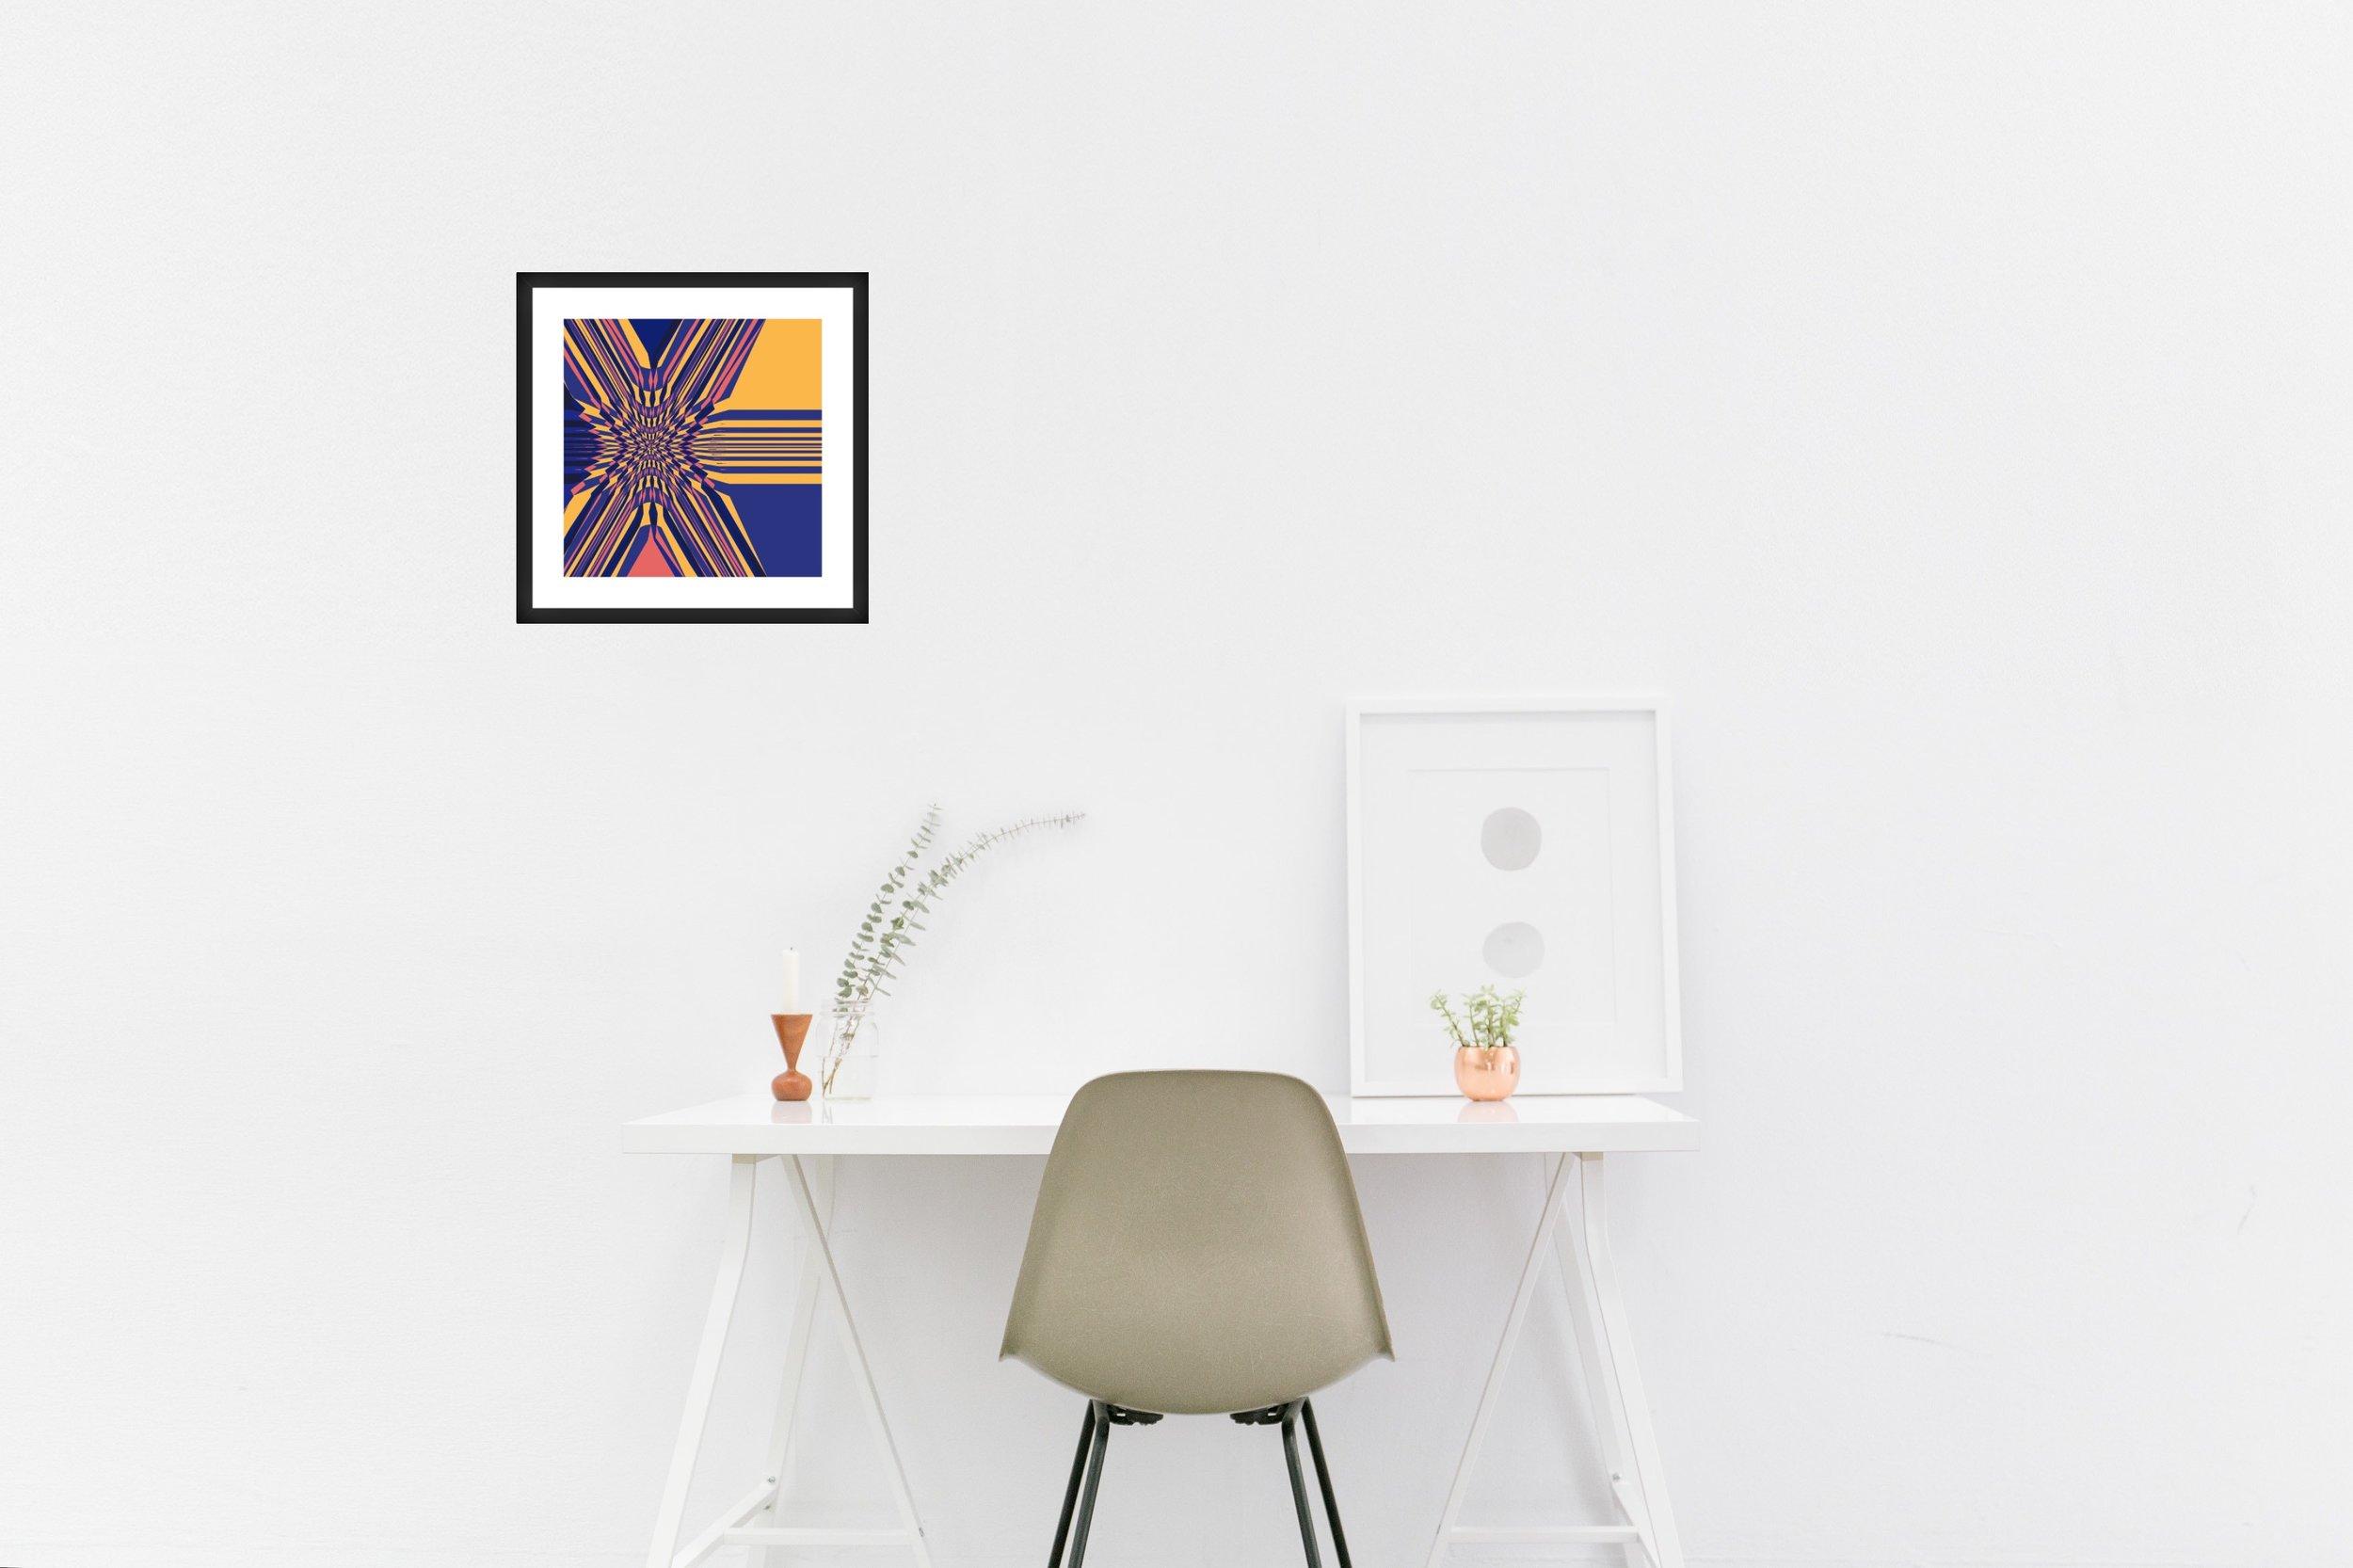 apartment-chair-contemporary-509922 (1).jpg